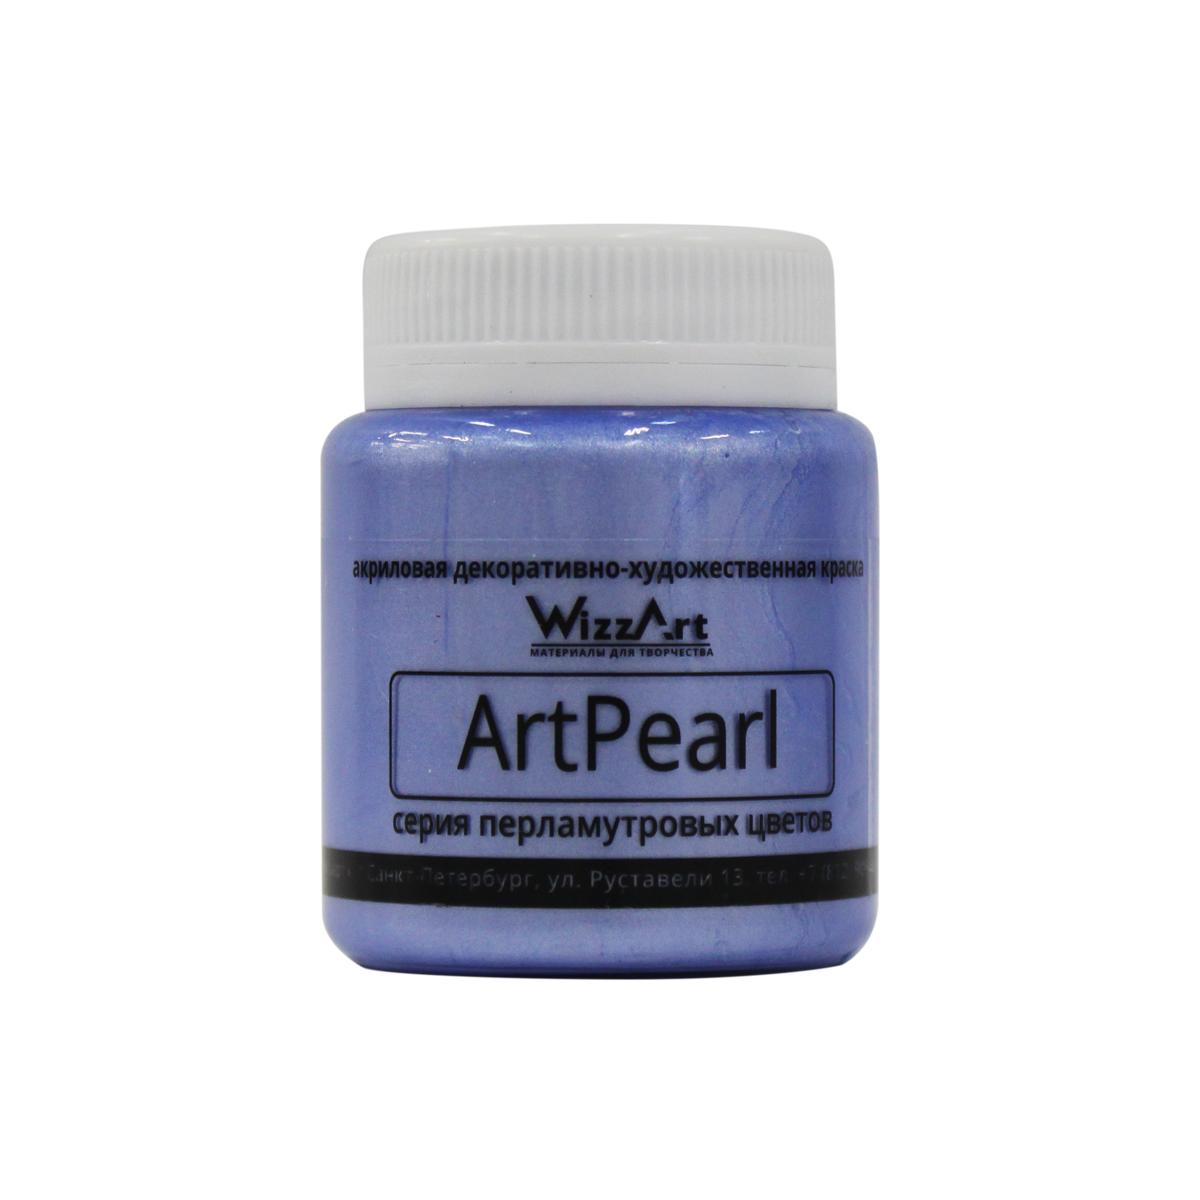 Краска акриловая Wizzart ArtPearl, цвет: ультрамарин, 80 мл501024Линейка акриловых красок WizzArt под названием ArtPearl- это широкий ассортимент перламутровых оттенков. Эффект перламутра помогает создать красивейшие рисунки и замечательный декор. Перламутровая акриловая краска быстро высыхает, прочно держится, создает ровную и гладкую поверхность, которая красиво переливается на свету. Ее мягкое сияние придаст изюминку любому произведению декоративно-прикладного искусства. Все краски WizzArt отлично совместимы между собой, что открывает широкие горизонты для реализации творческих идей. Ими можно декорировать посуду, открытки, рамки для фото, подарочные коробки, зеркала, елочные игрушки. Акриловые краски WizzArt обладают равномерной текстурой, отлично ложатся на любую обезжиренную поверхность и надежно держатся на ней после высыхания, надолго сохраняя яркость цвета и эластичность. Данные краски не содержат токсичных веществ и не имеют сильного запаха.Объем: 80 мл.Товар сертифицирован.